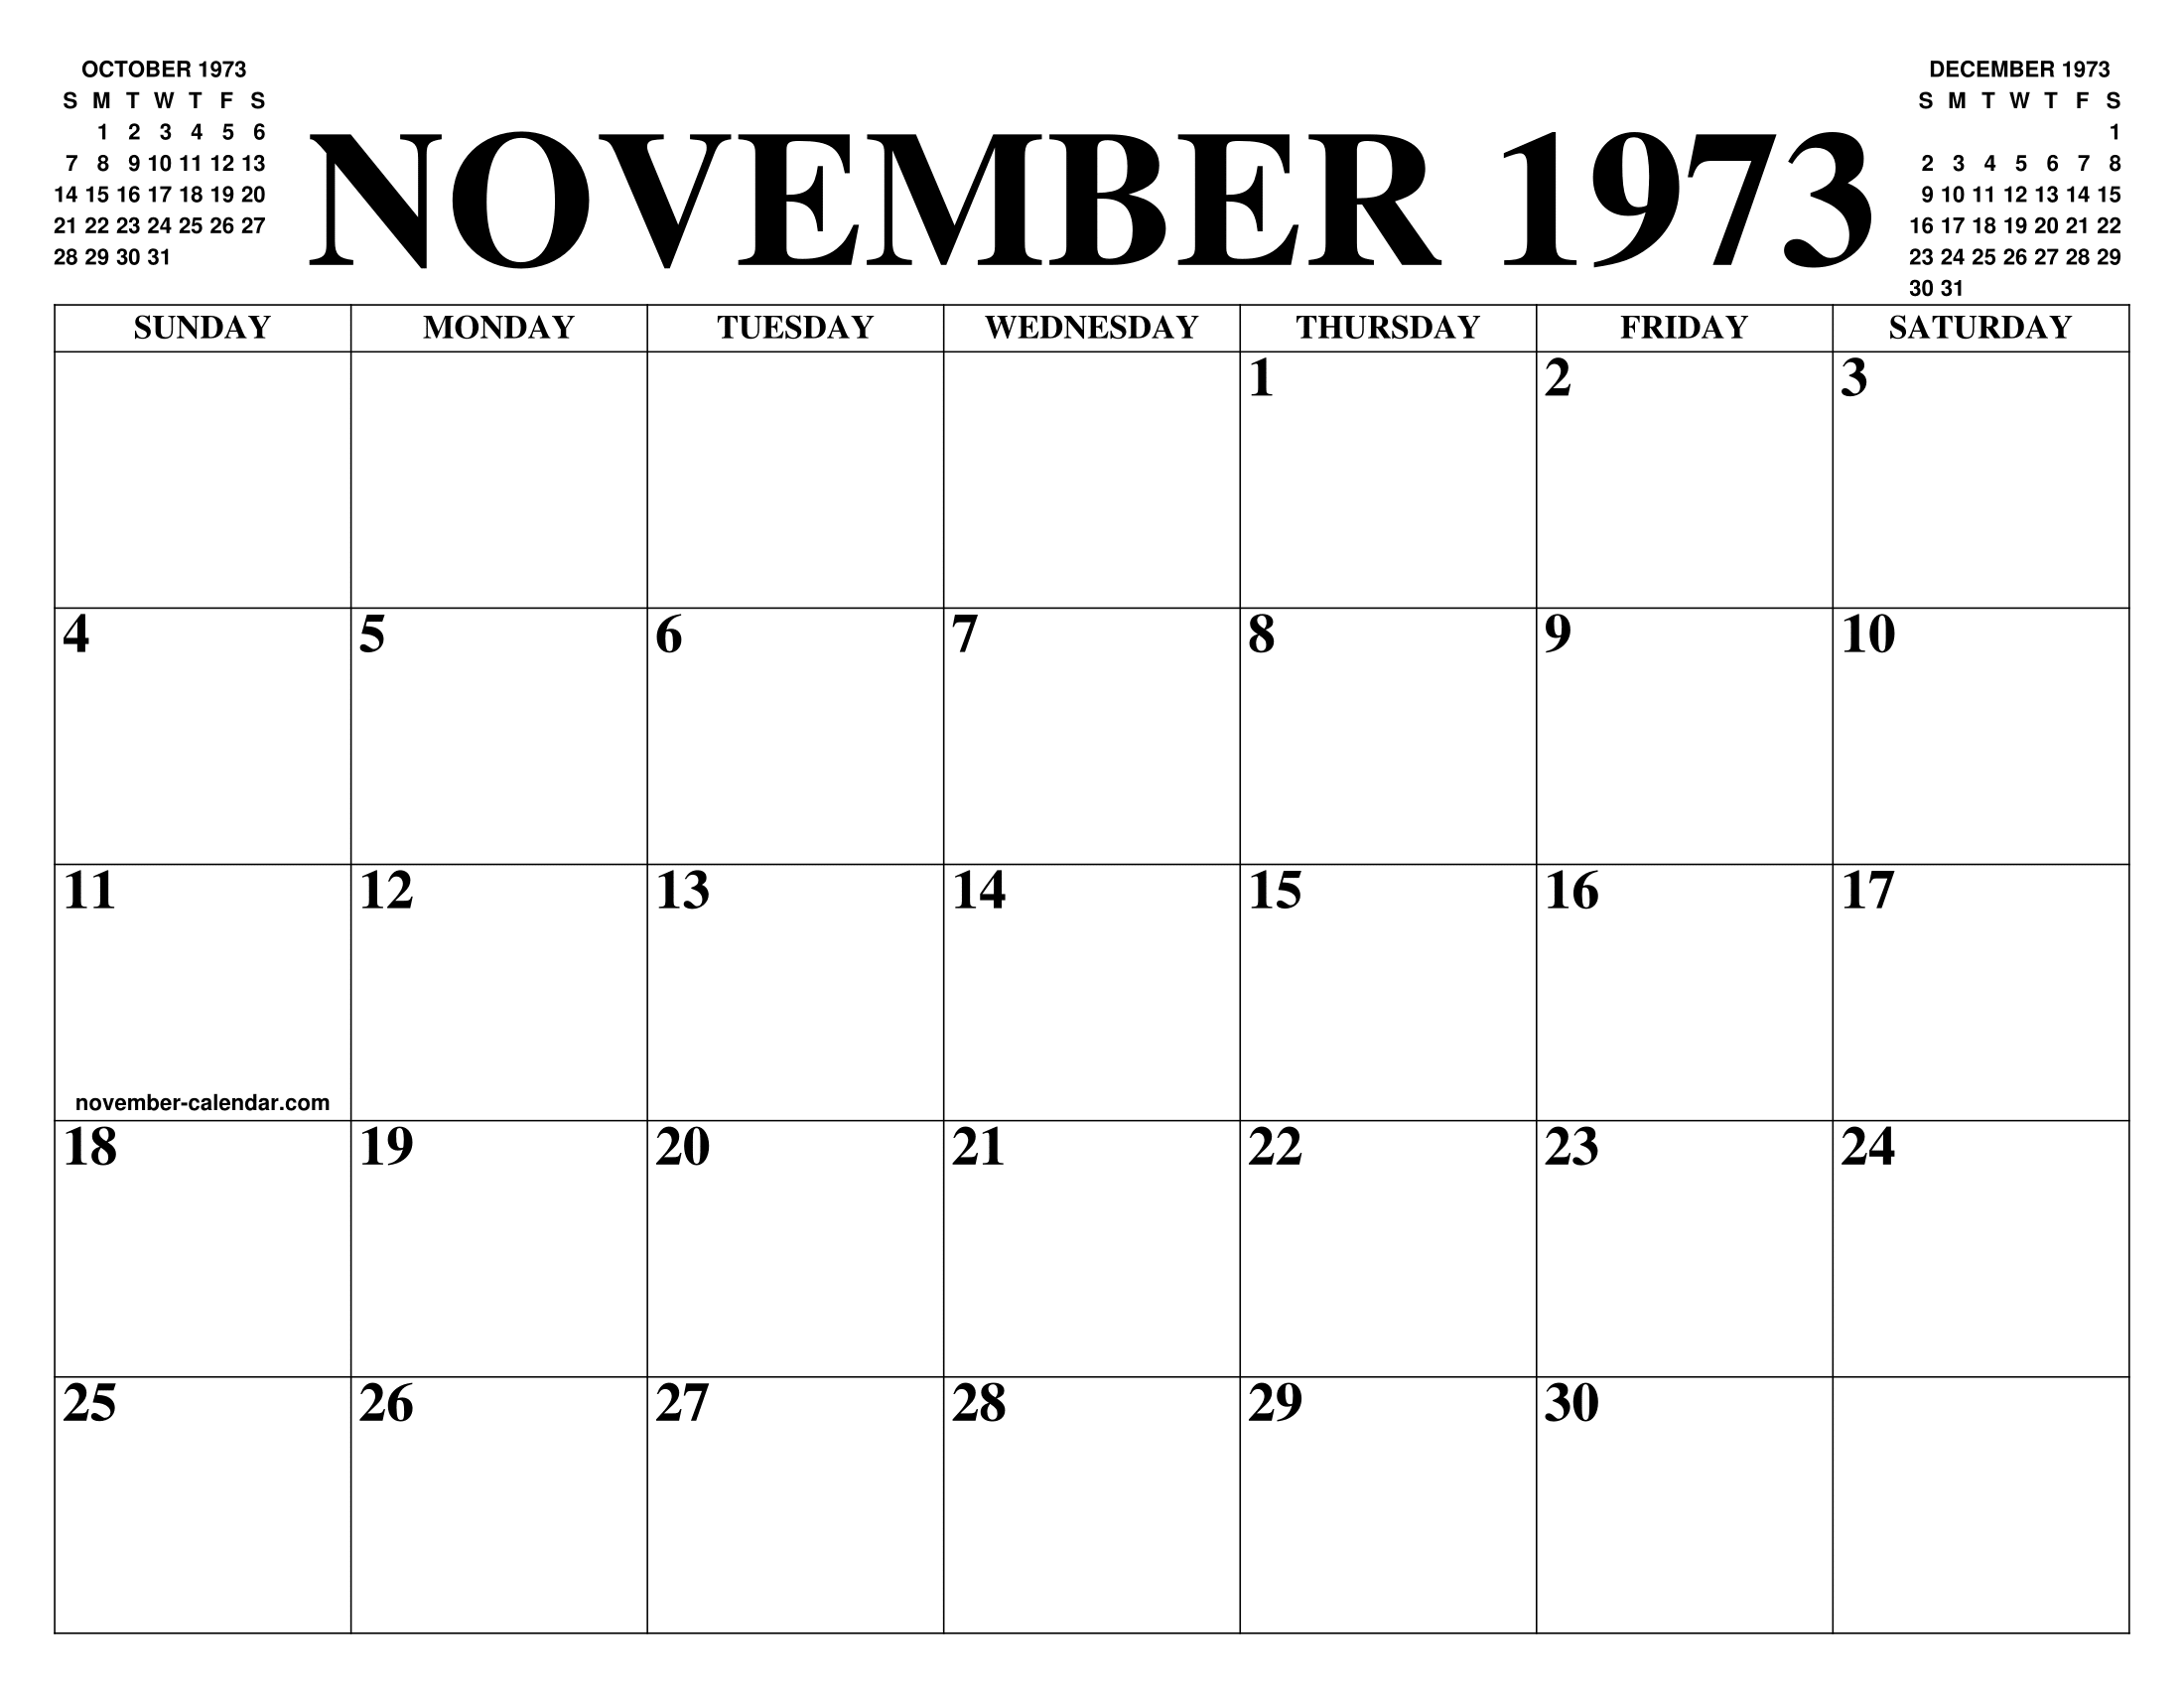 Calendario 1973.November 1973 Calendar Of The Month Free Printable November